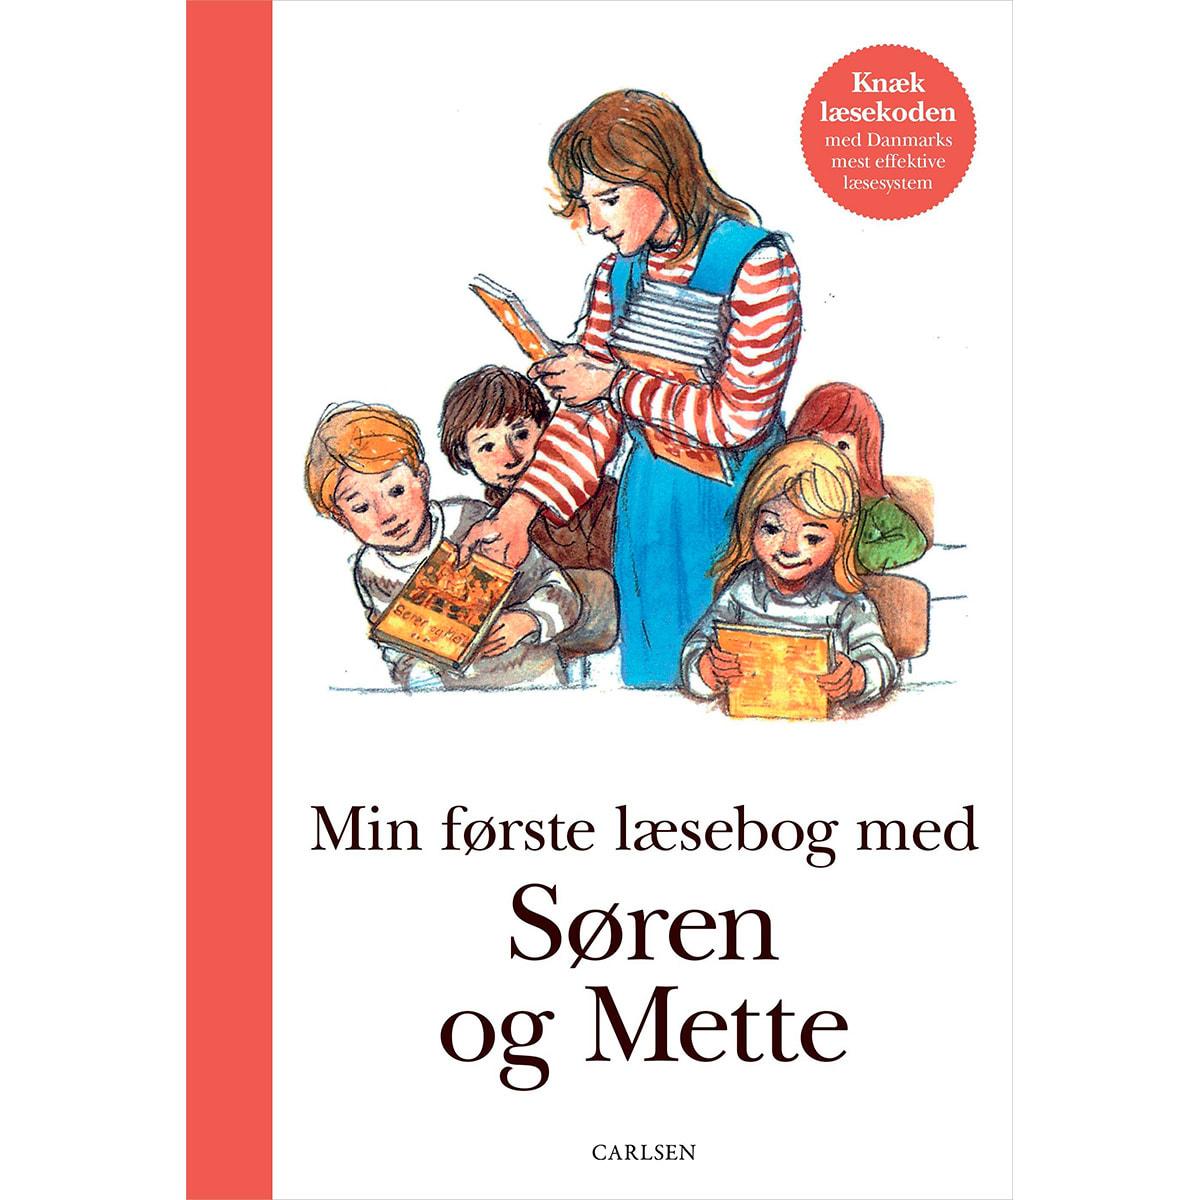 Af Ejvind Jensen & Knud Hermansen